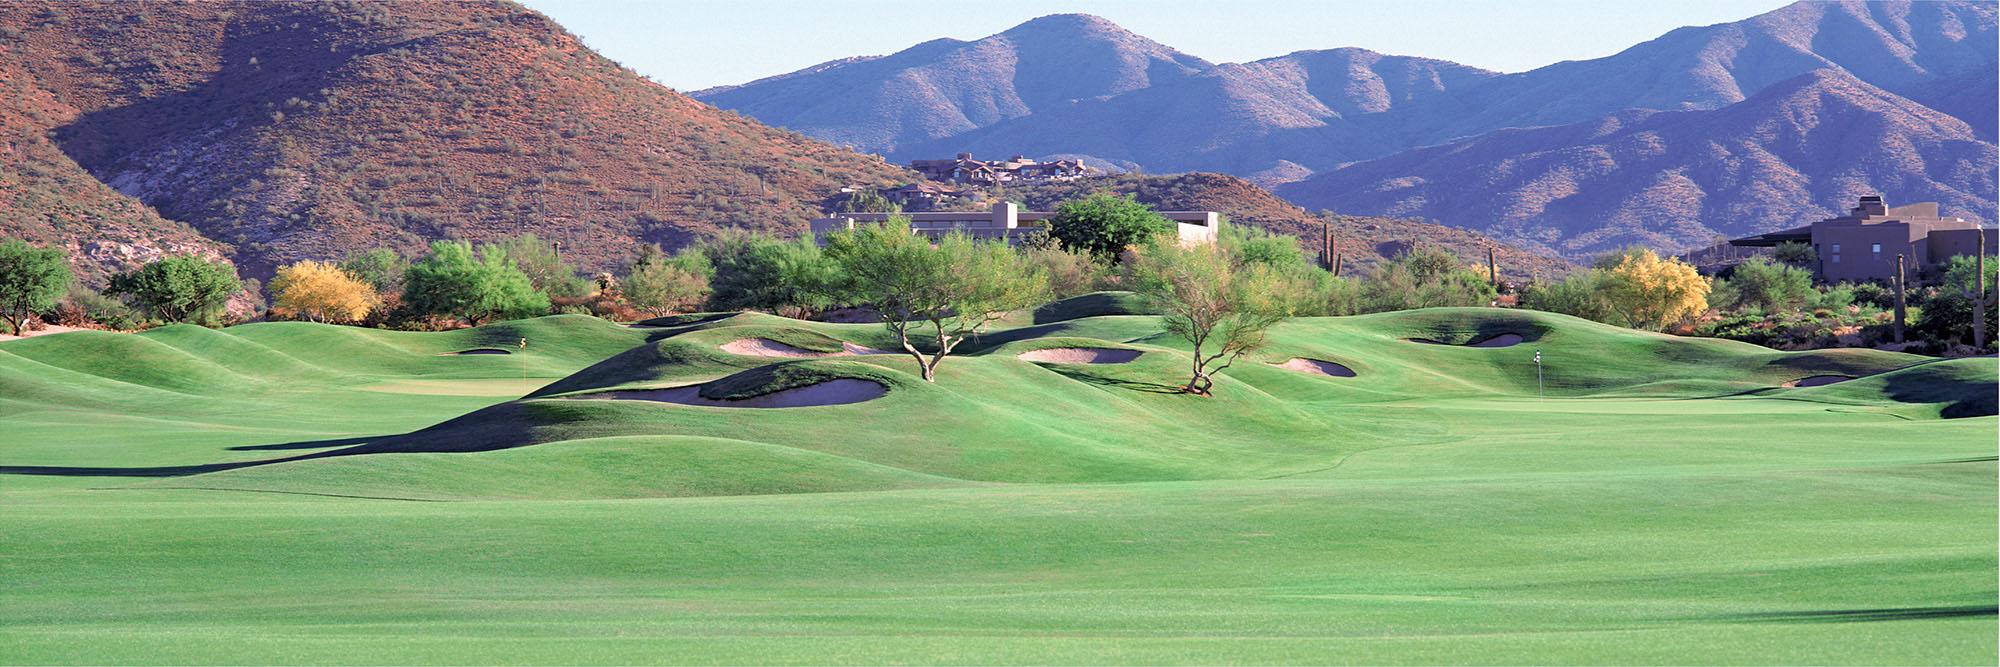 Golf Course Image - Desert Mountain Renegade No. 9